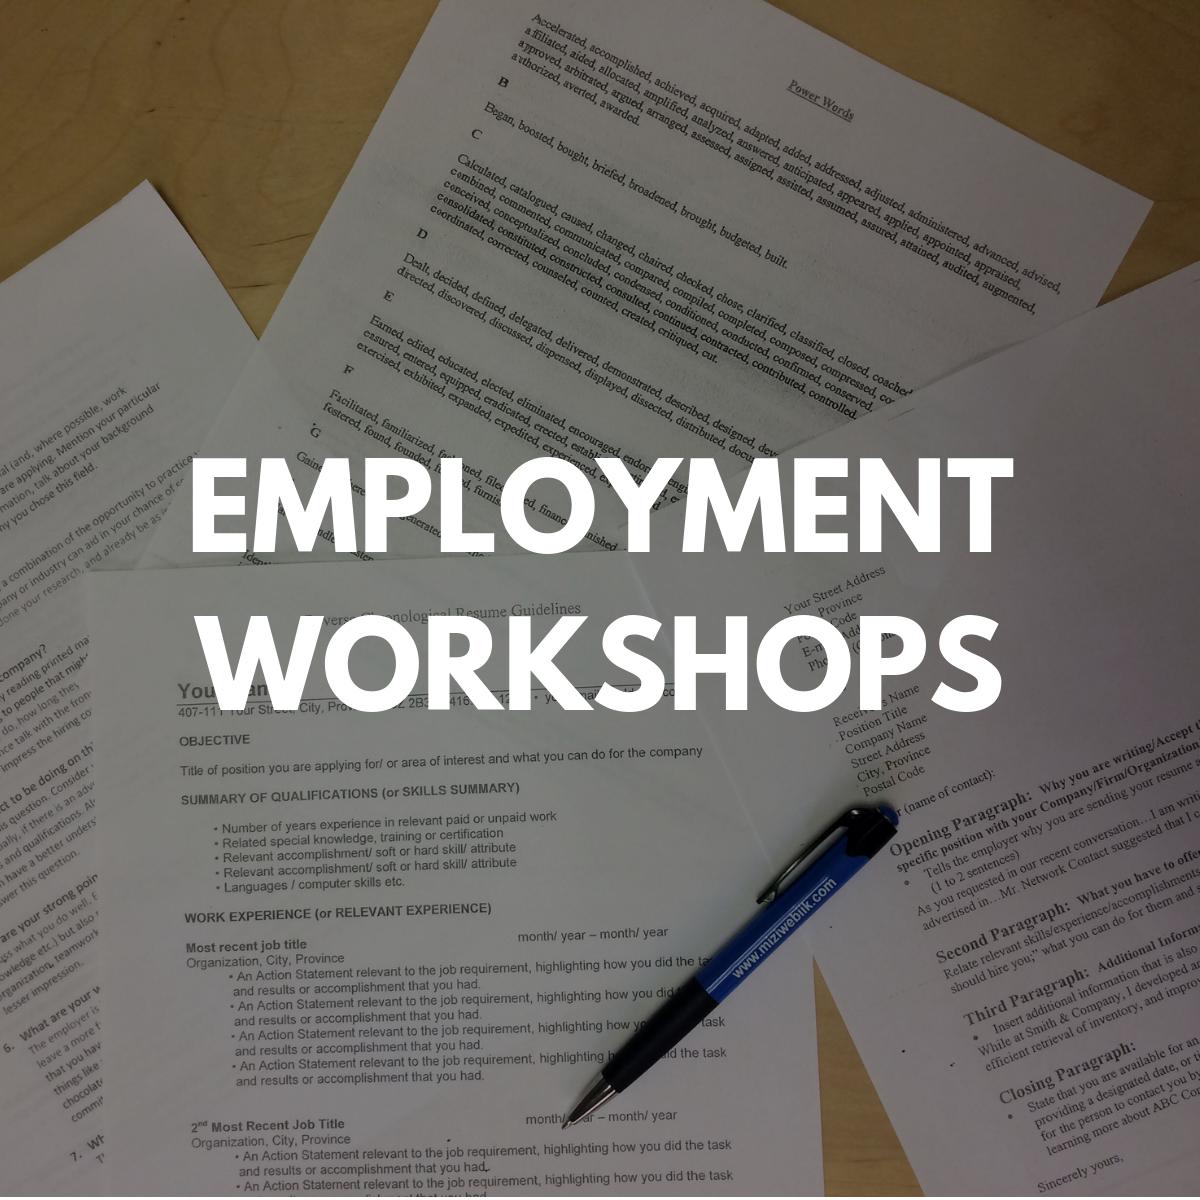 Employment Workshops